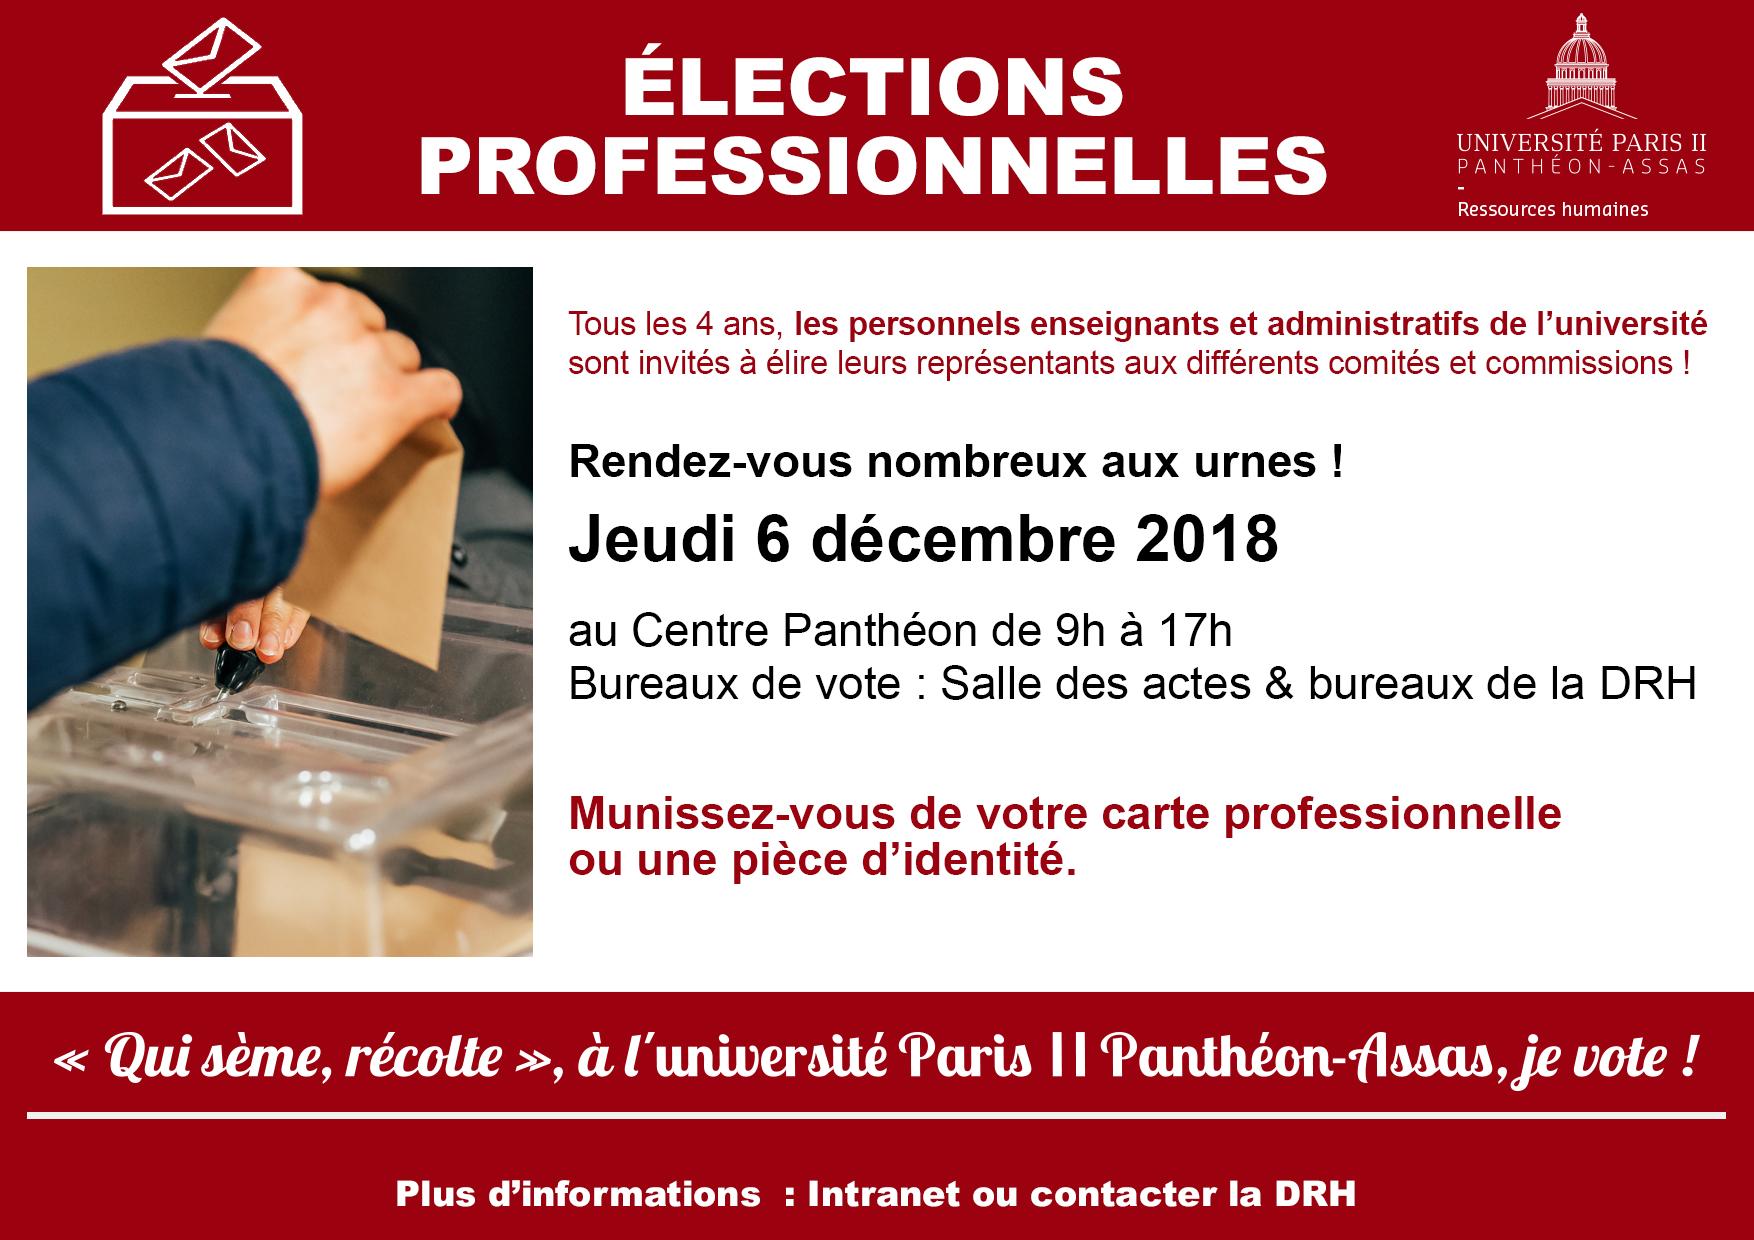 """Visuel élections """"Qui sème, récolte"""", à l'université Paris 2 Panthéon-Assas, je vote !"""